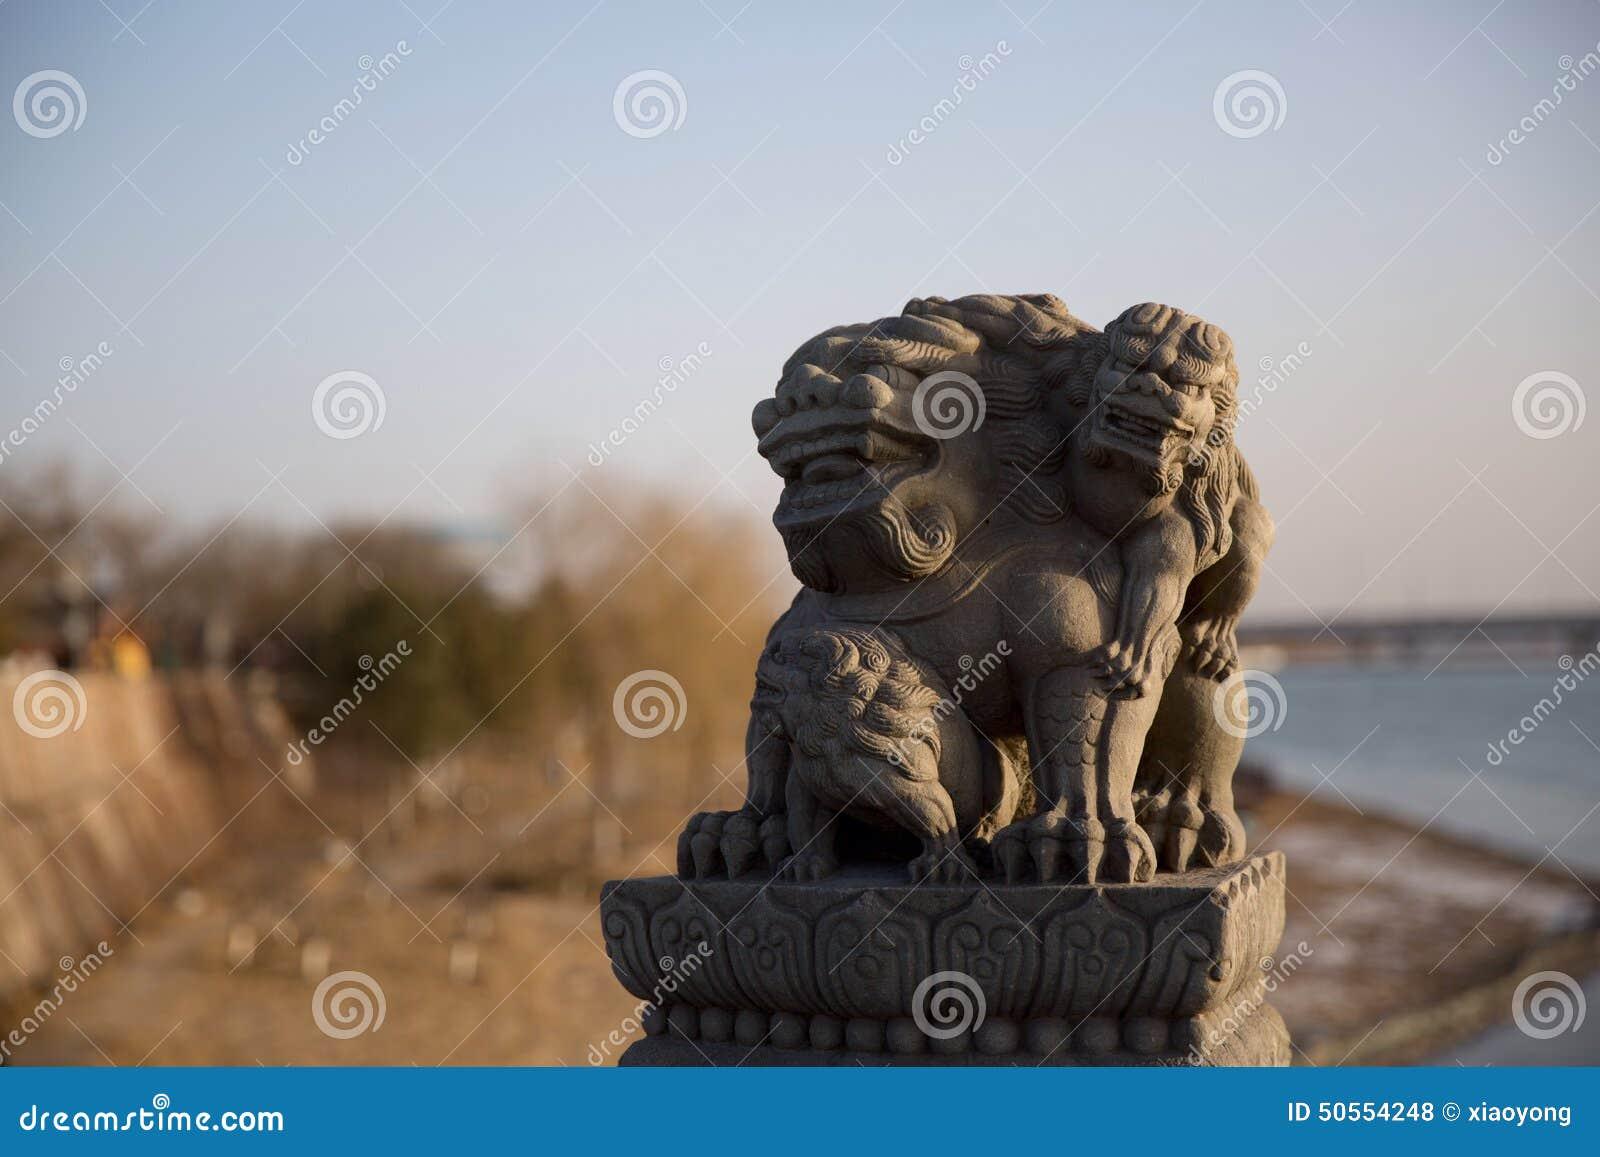 在芦沟桥的石狮子在丰台区,北京市